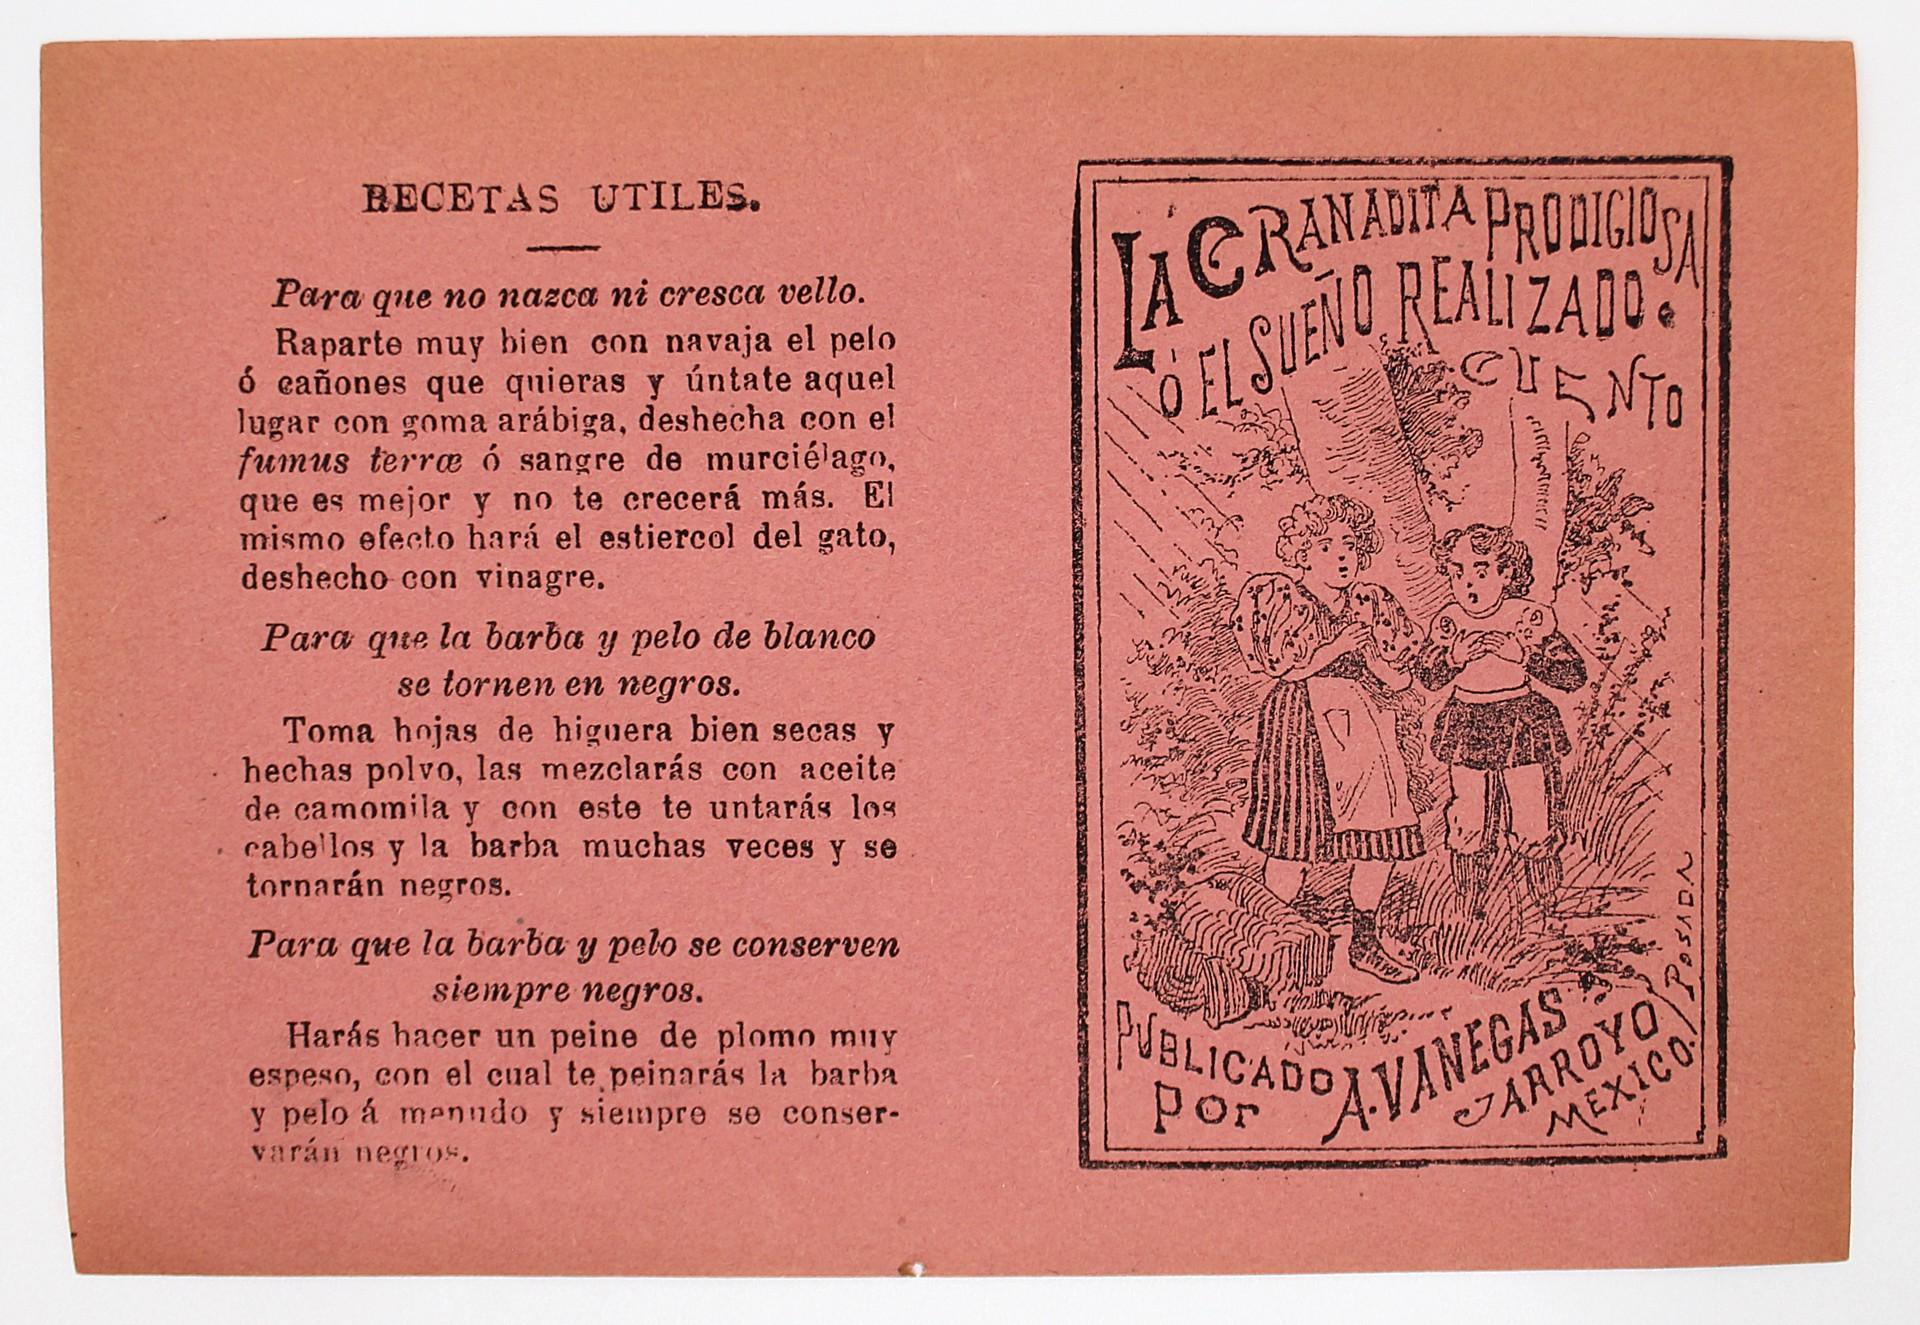 La Granadita Prodigiosa o el Sueno Realizado by José Guadalupe Posada (1852 - 1913)